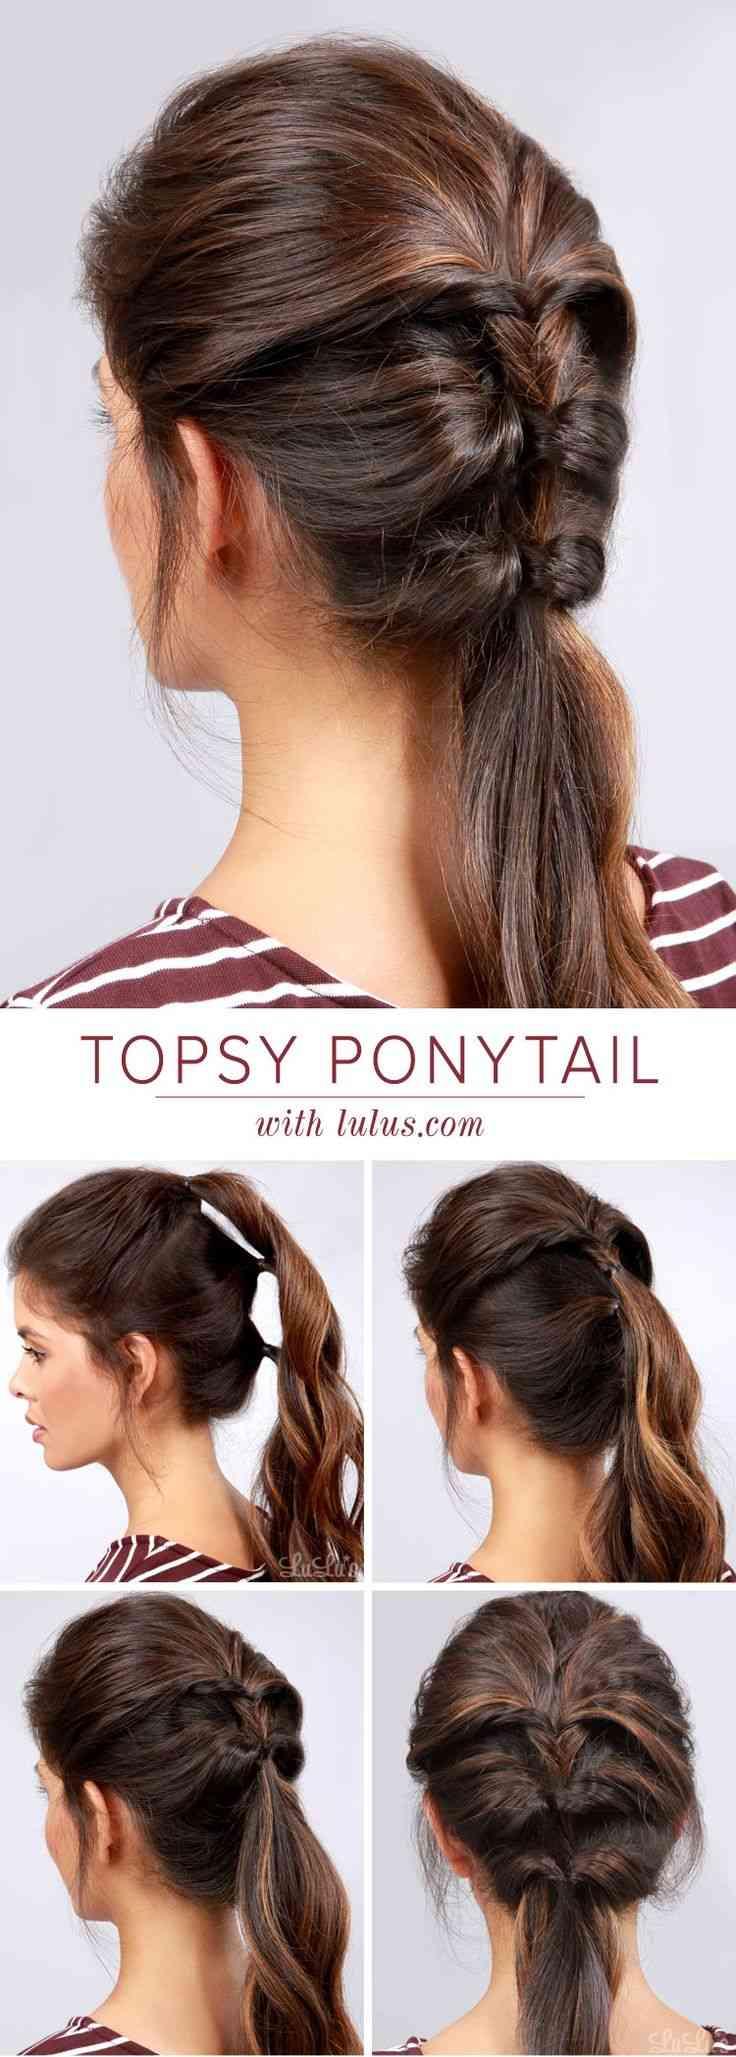 topsy-ponytail-styles